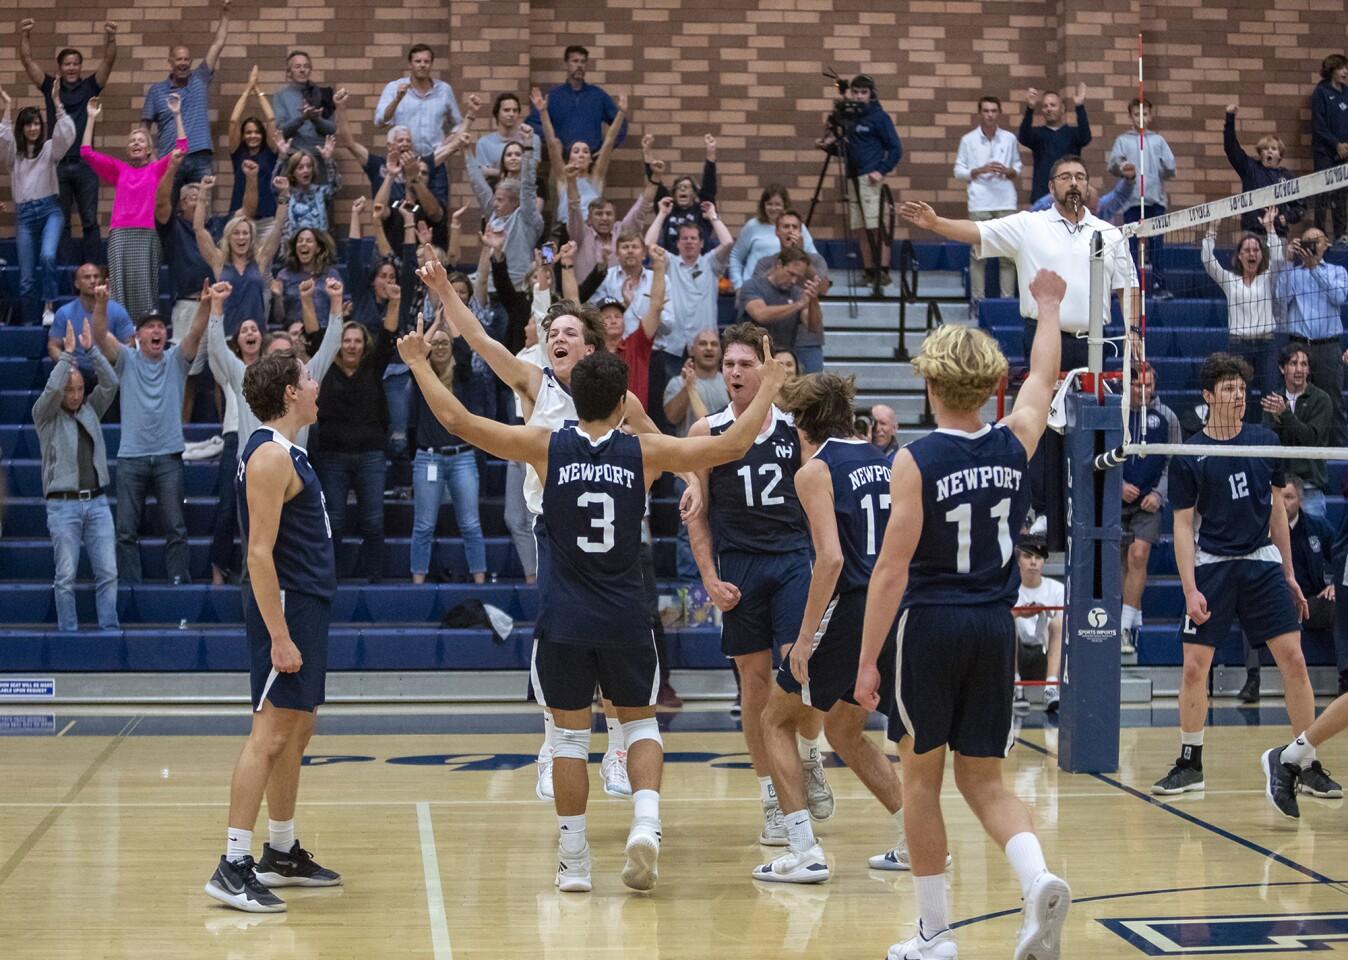 Photo Gallery: Newport Harbor vs. Los Angeles Loyola in boys' volleyball